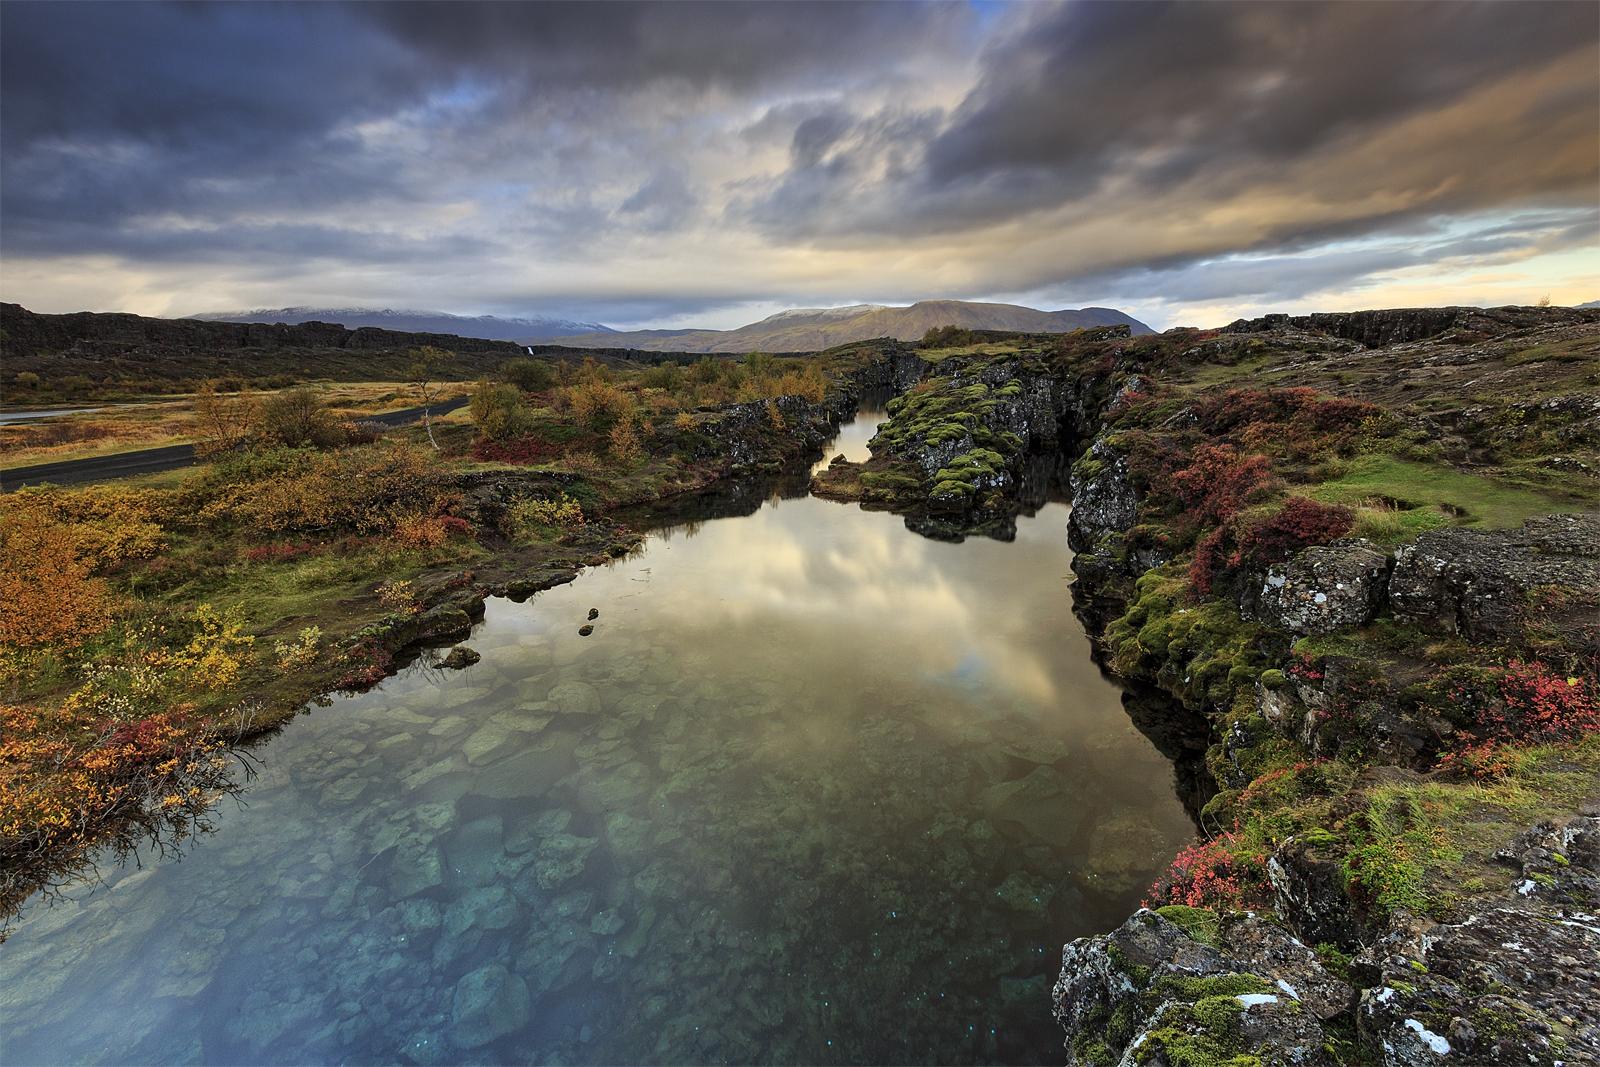 อุทยานแห่งชาติธิงเวลลีร์มีรอยแยกของแผ่นเปลือกทวีปสองทวีป